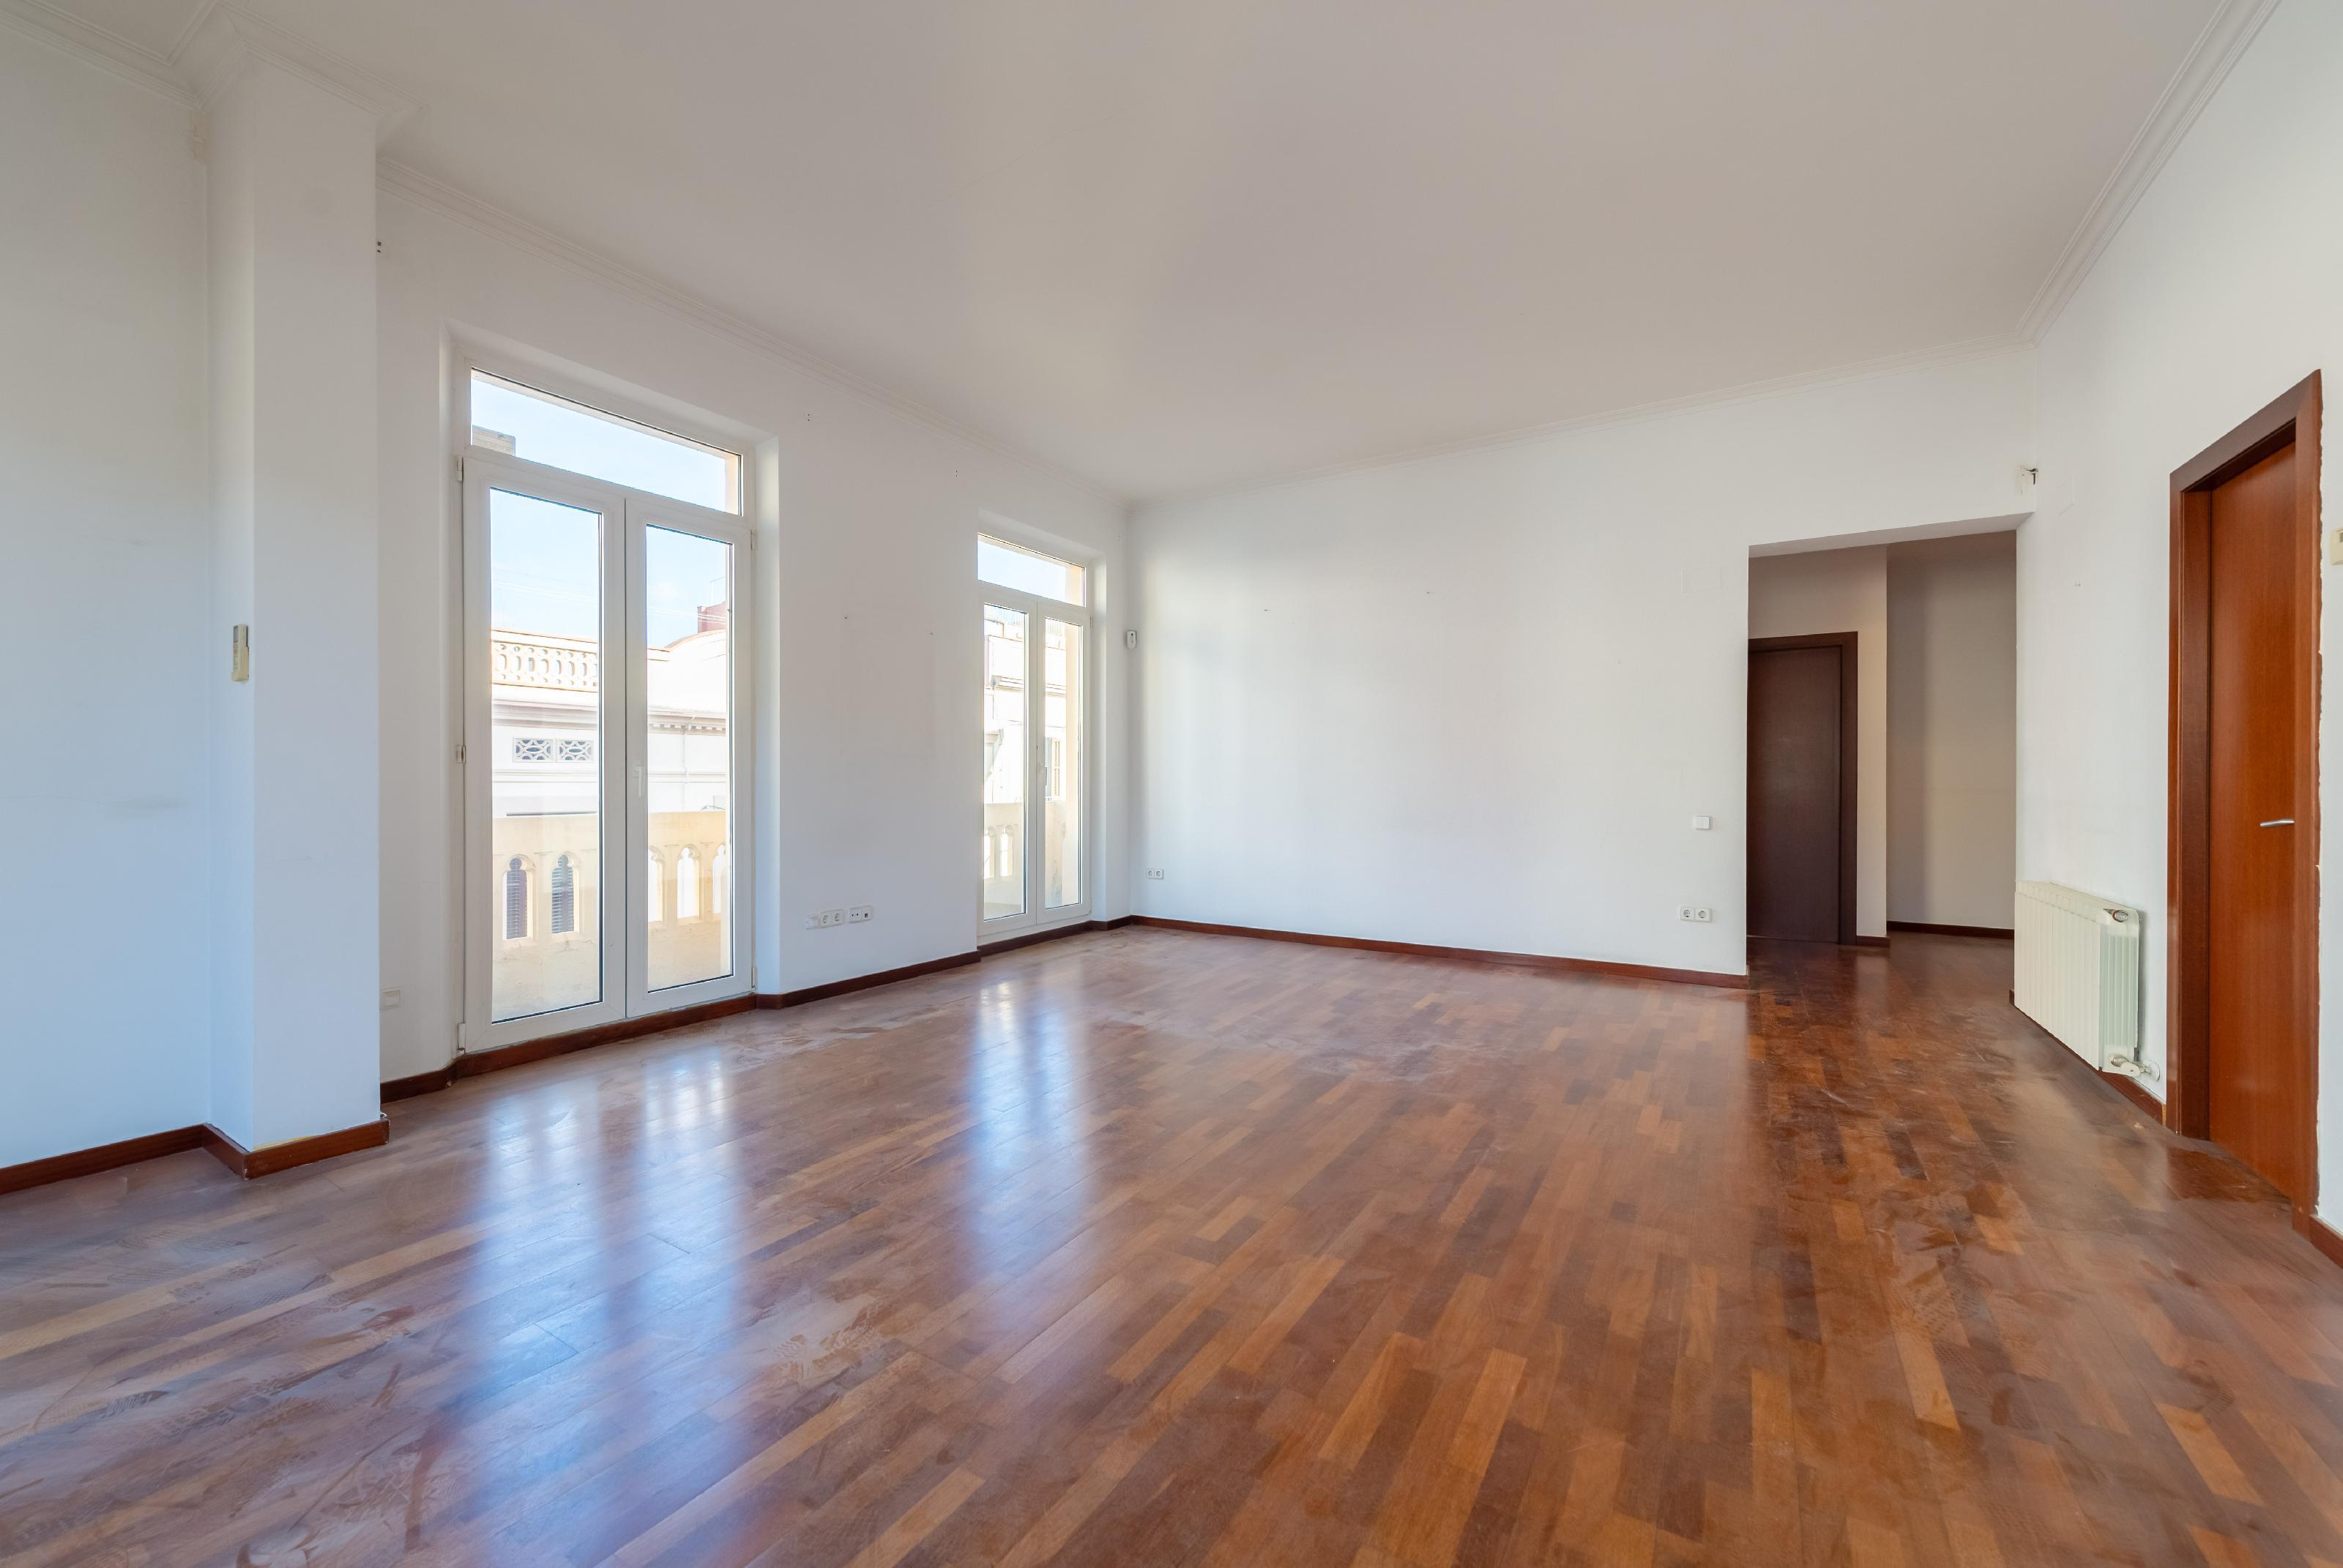 246020 Flat for sale in Sarrià-Sant Gervasi, Sarrià 14